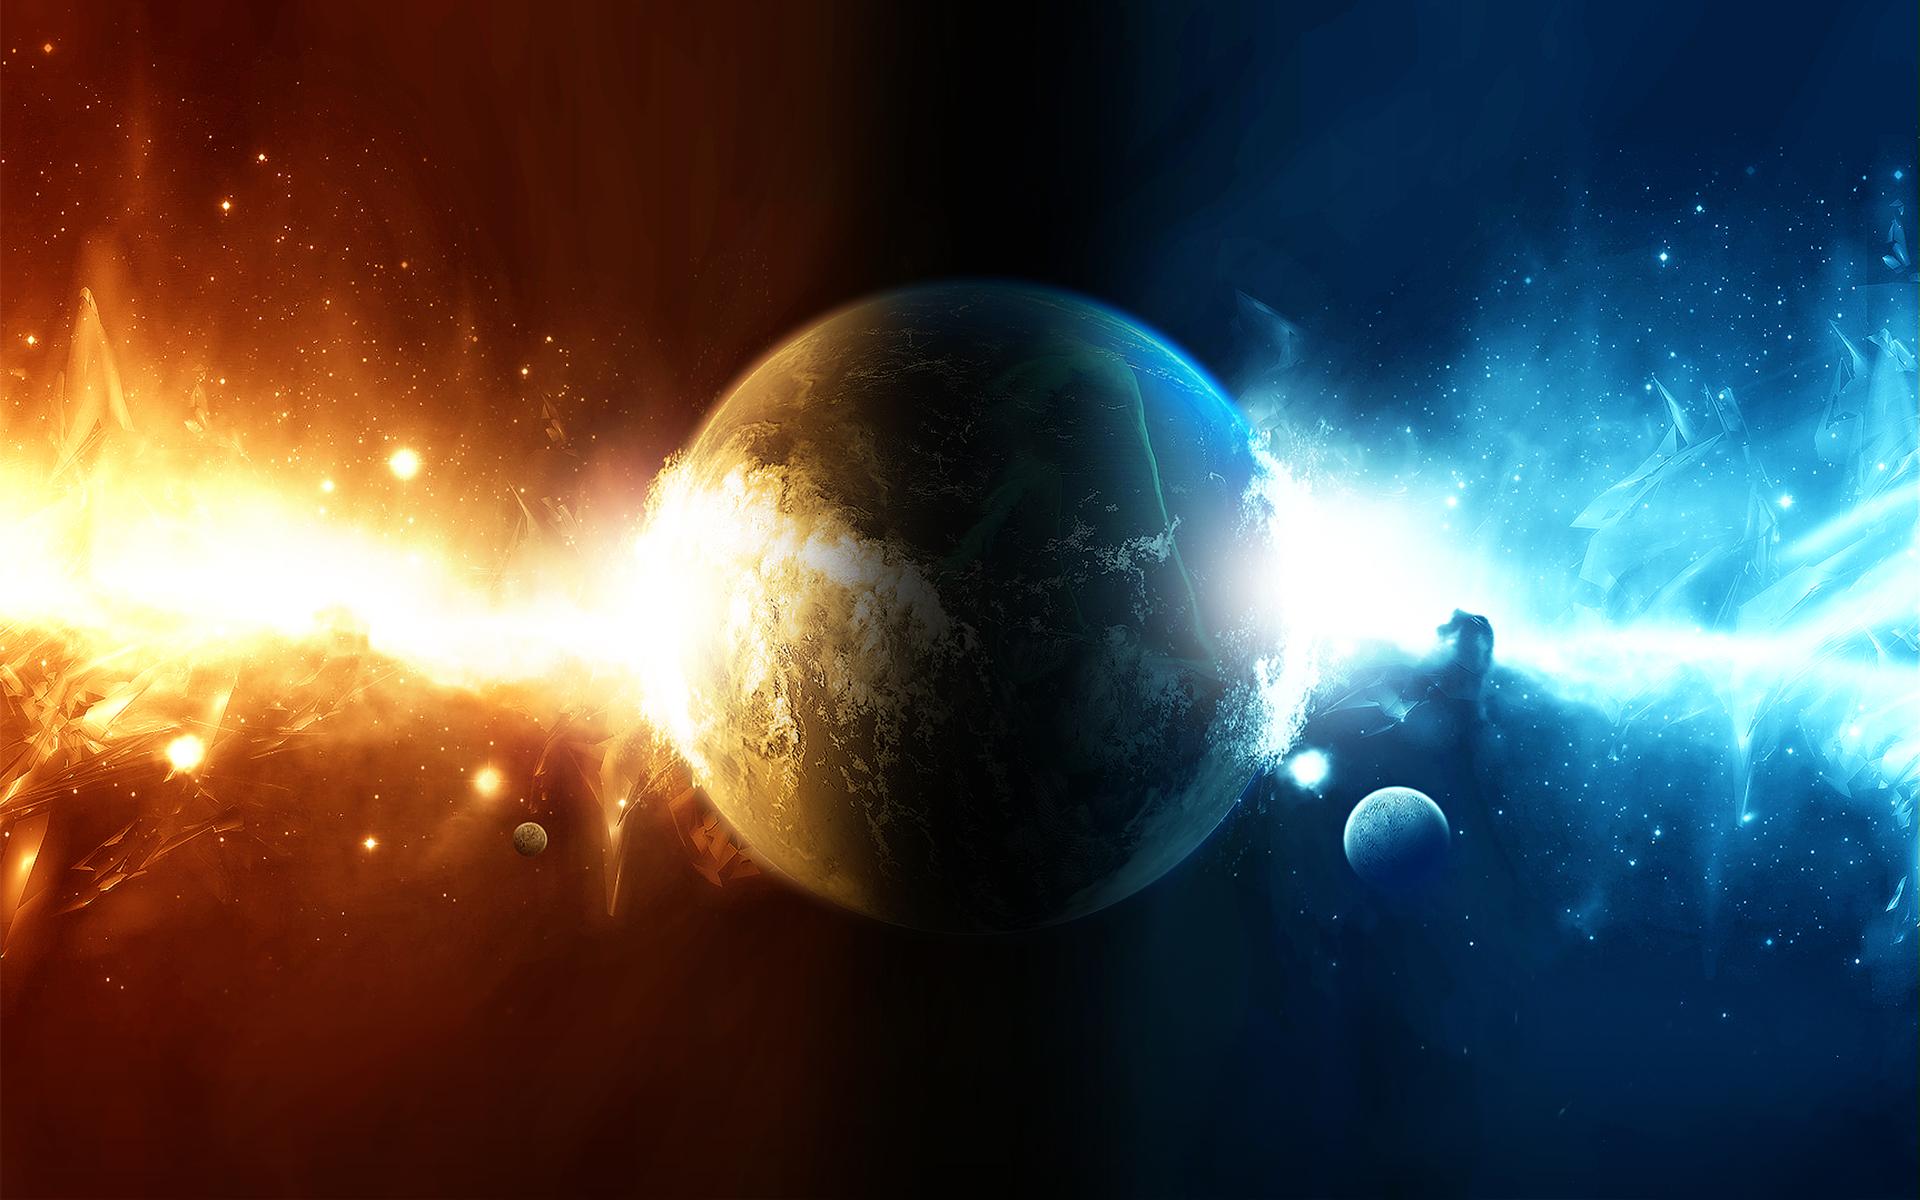 сине-красный луч энергии проходит через планету, скачать фото, обои для рабочего стола